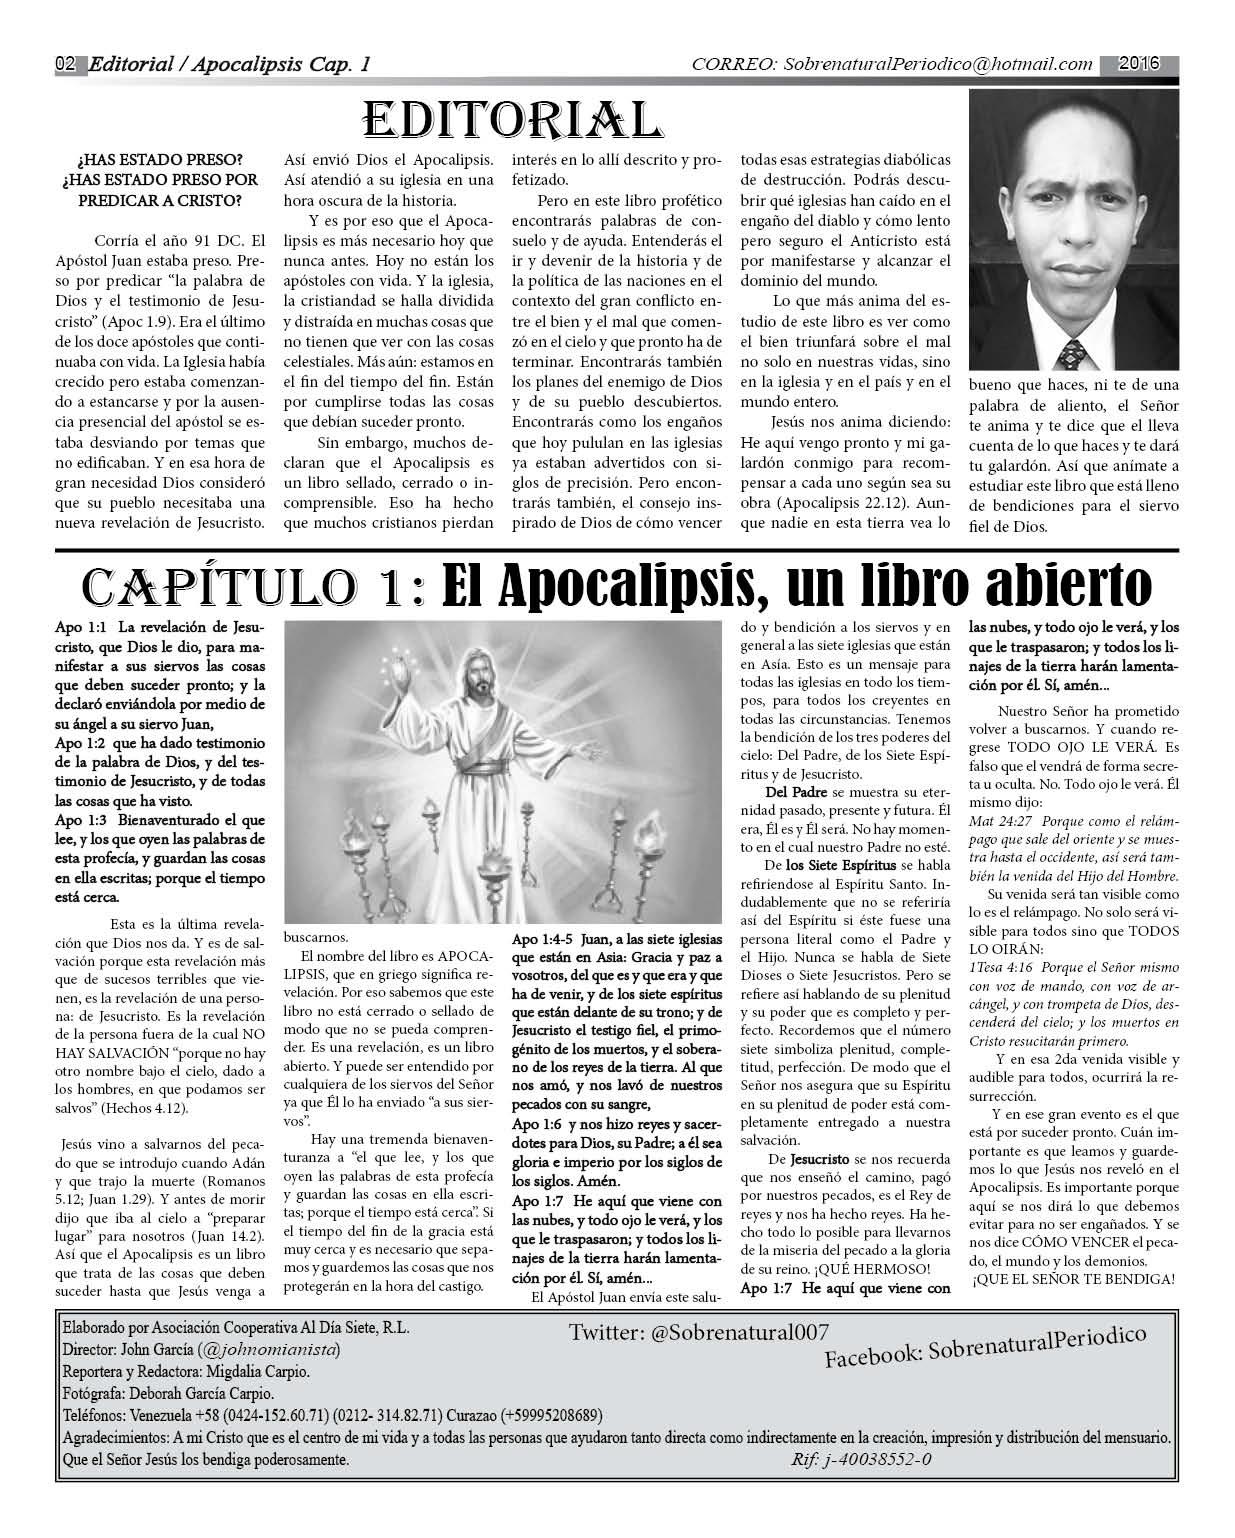 P2 Periodico Apocalipsis 2016